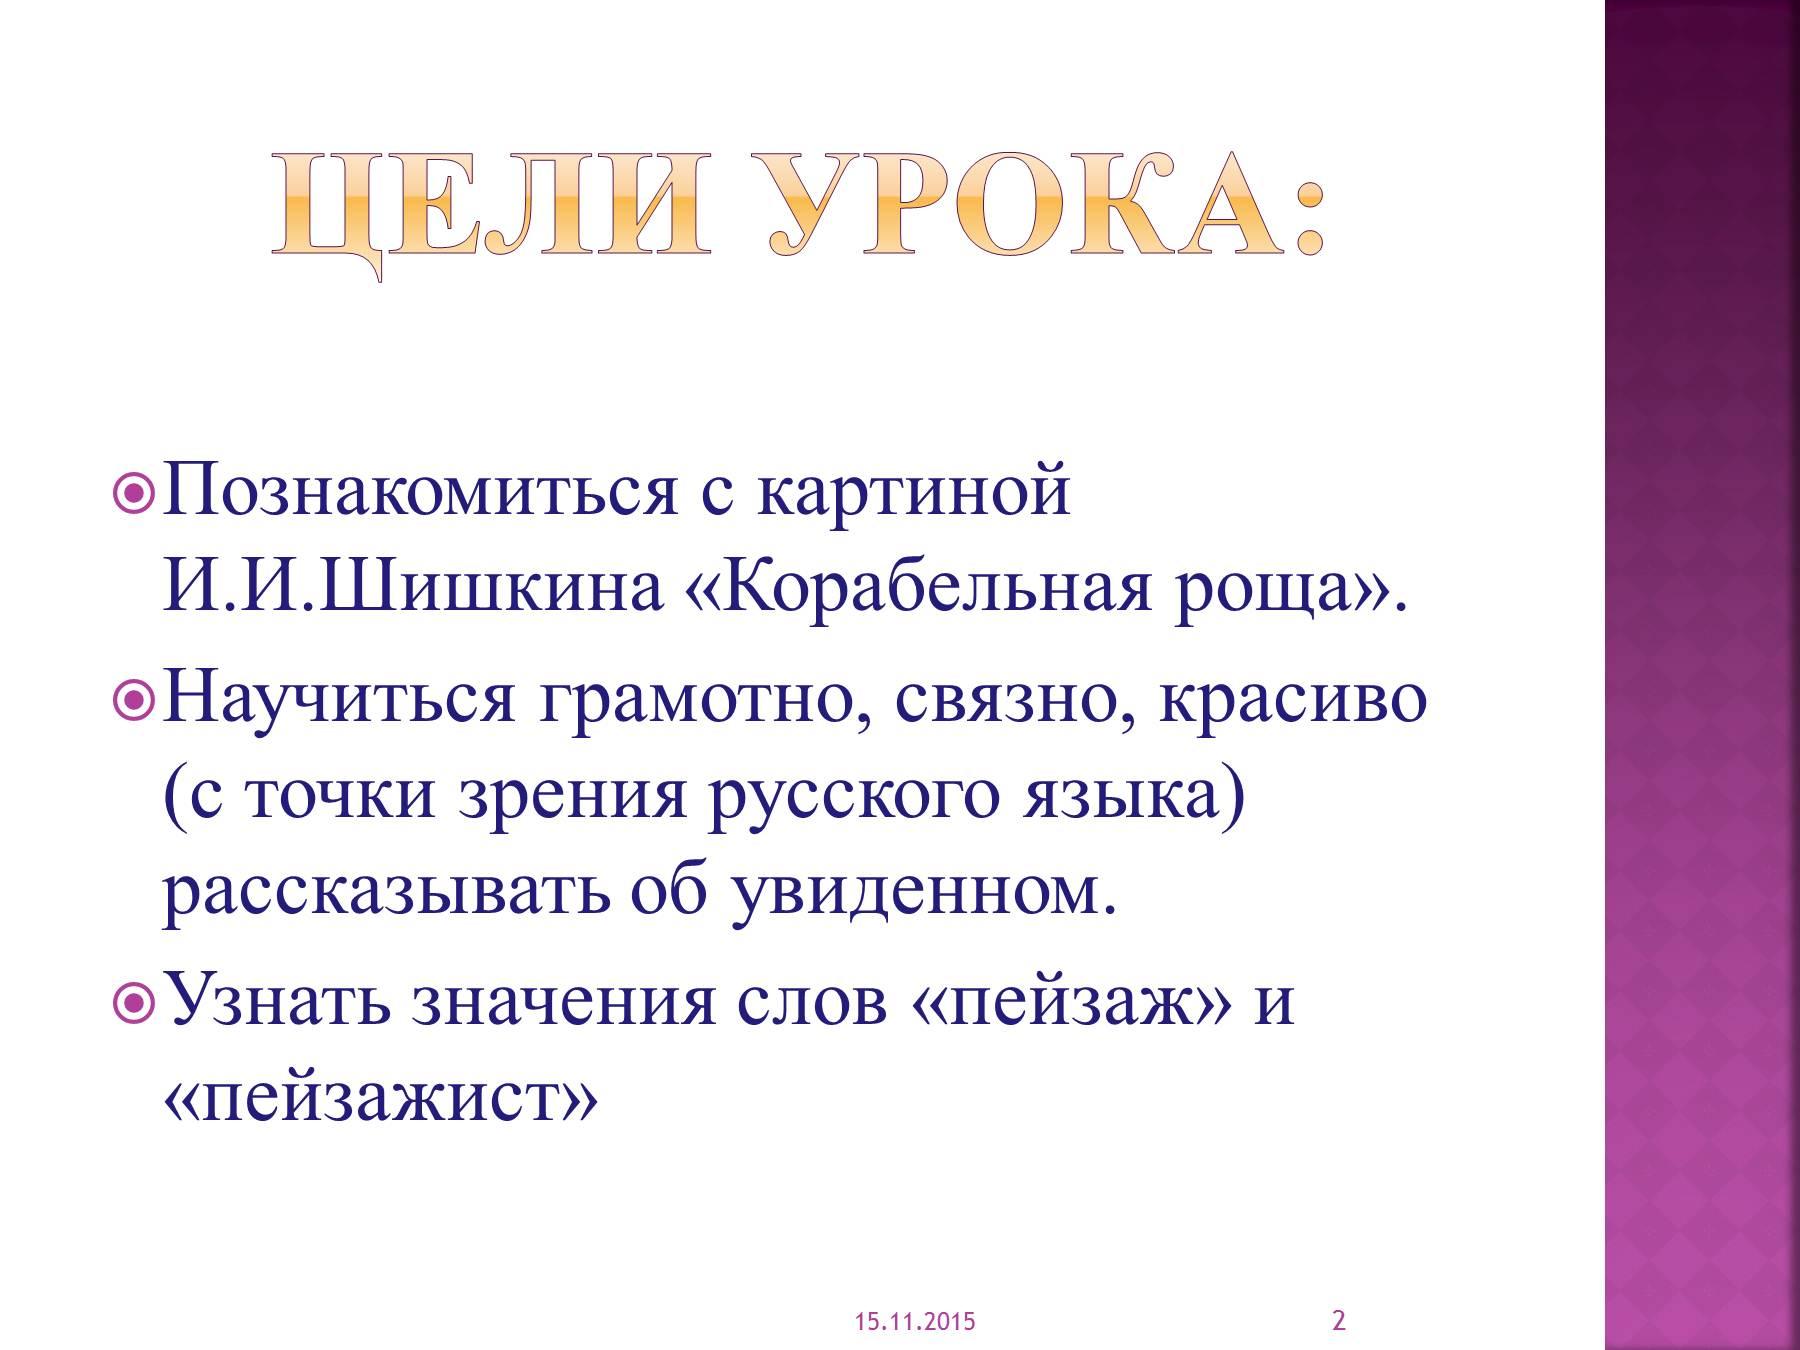 Тему звезда сочинение о русском лесе для 2 класс мередов